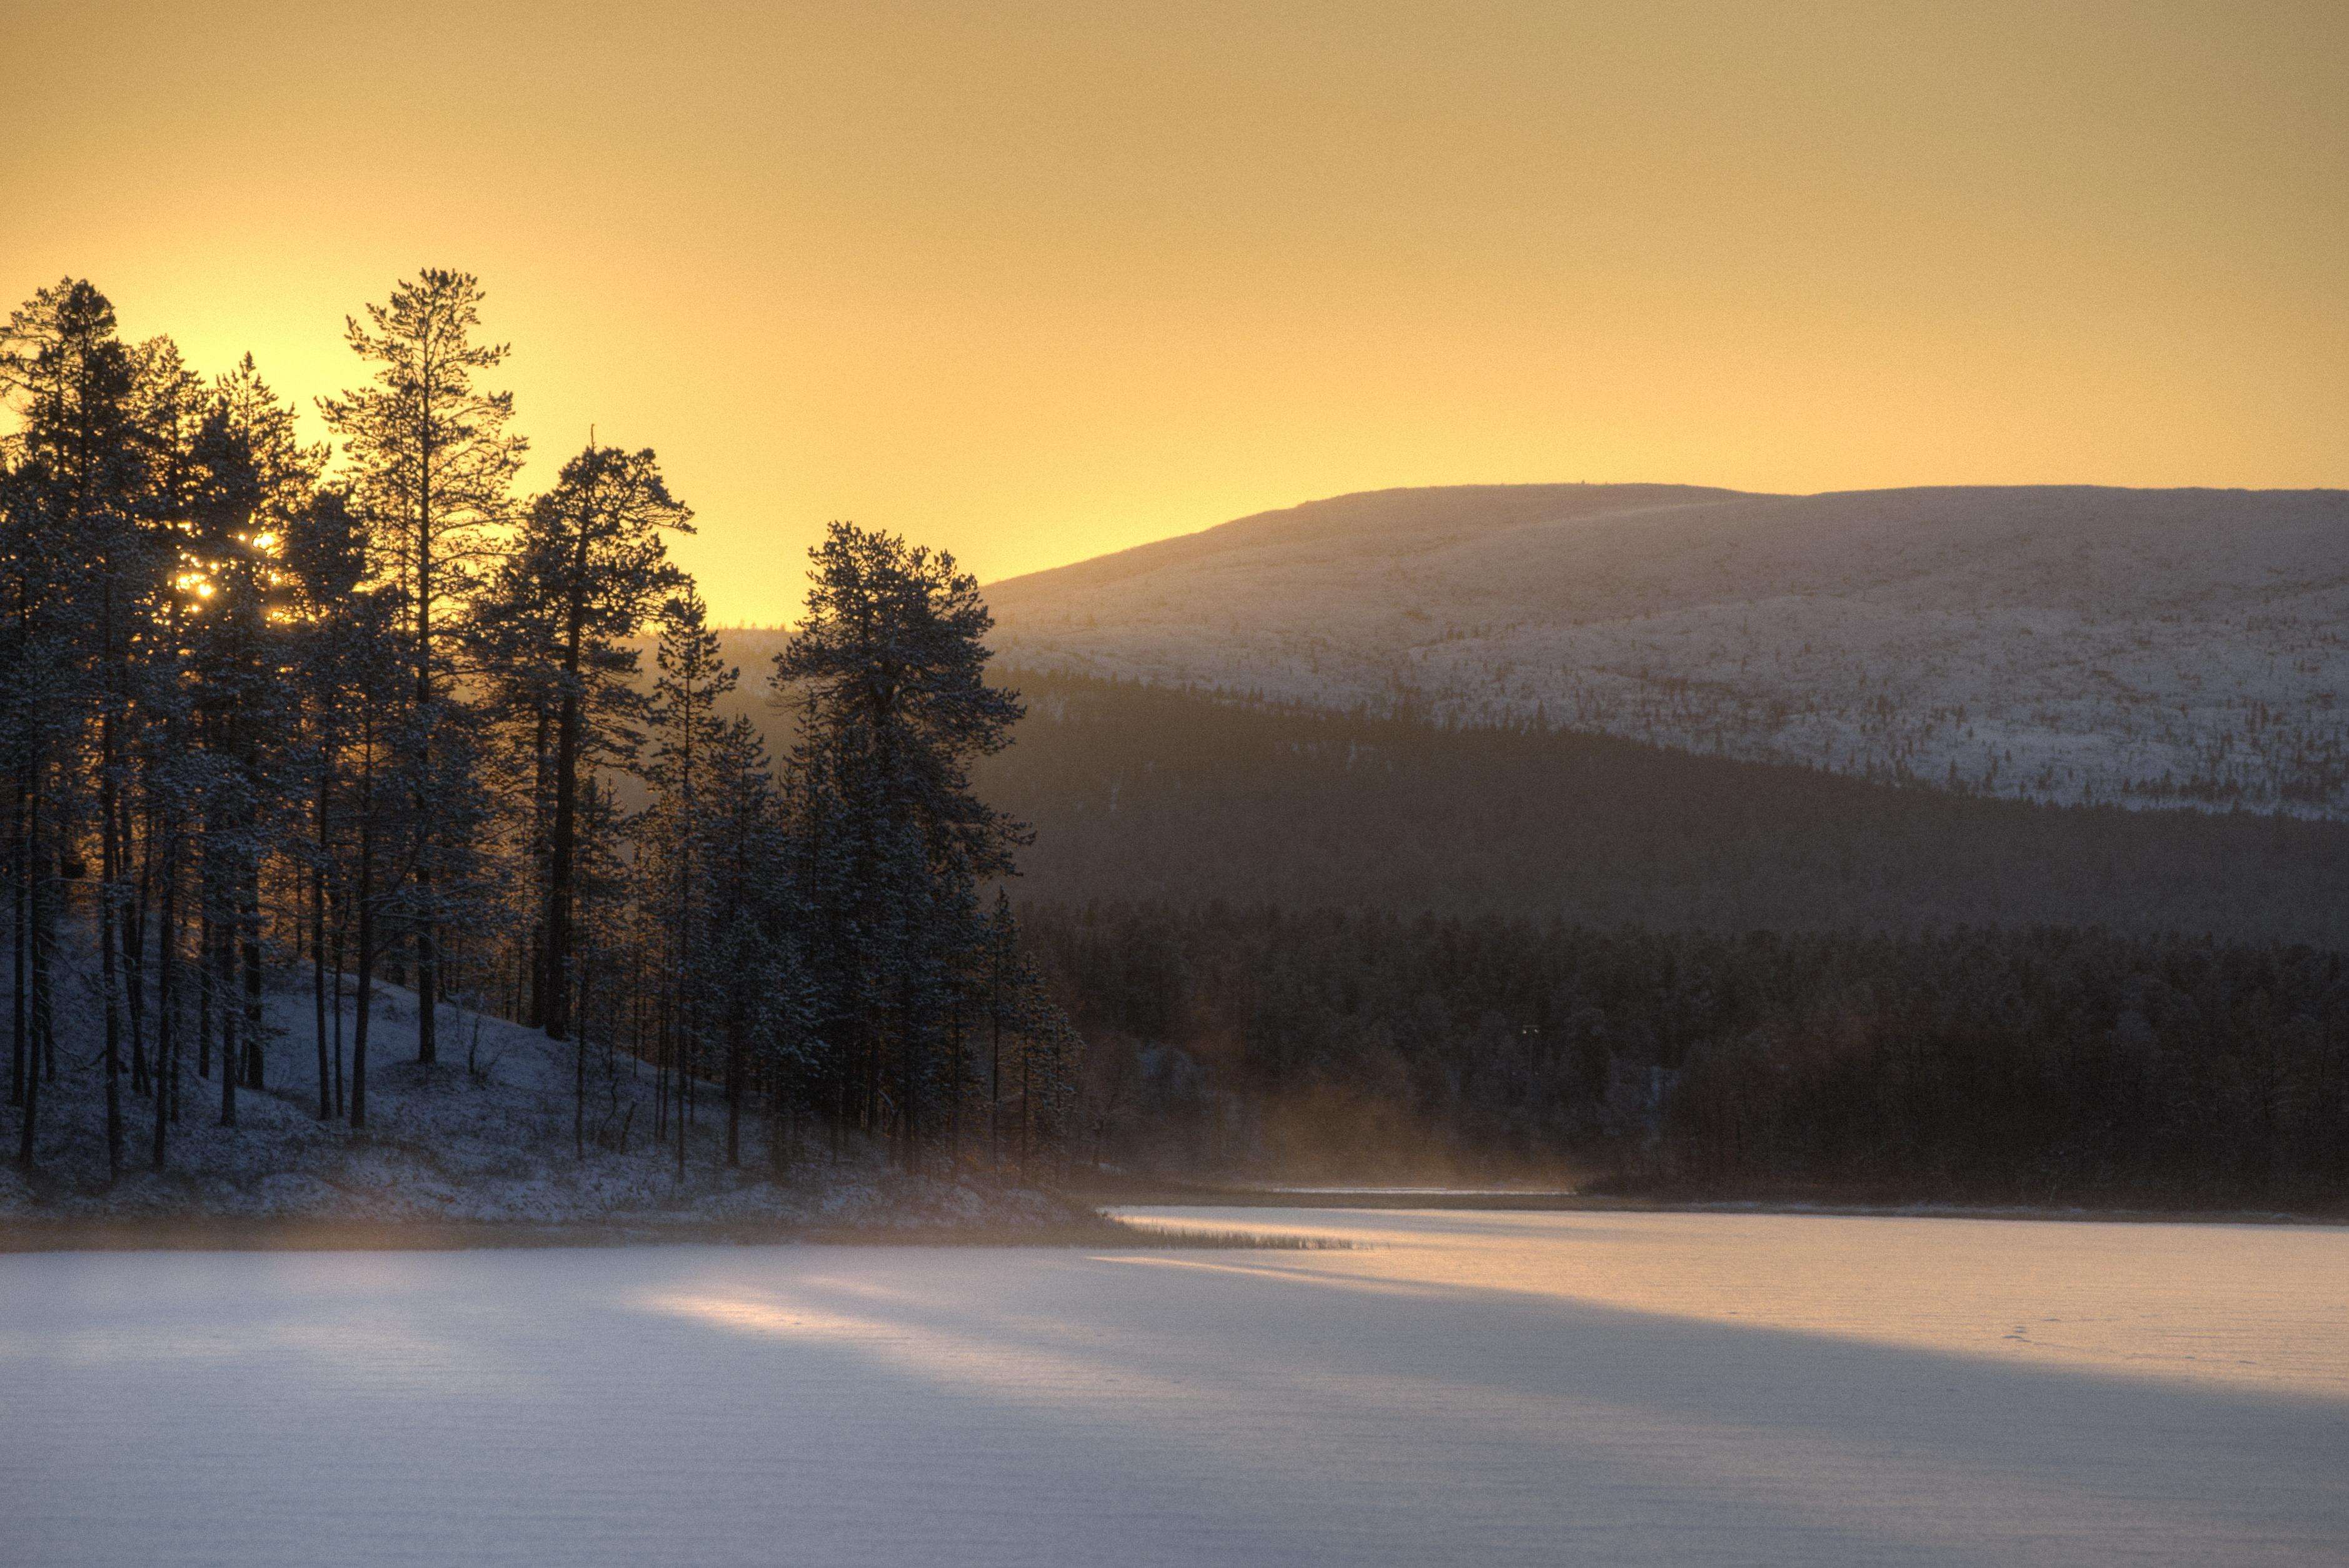 arkticna-izkusnja-z-divjino-nacionalni-park-lemmenjoki-secret-world